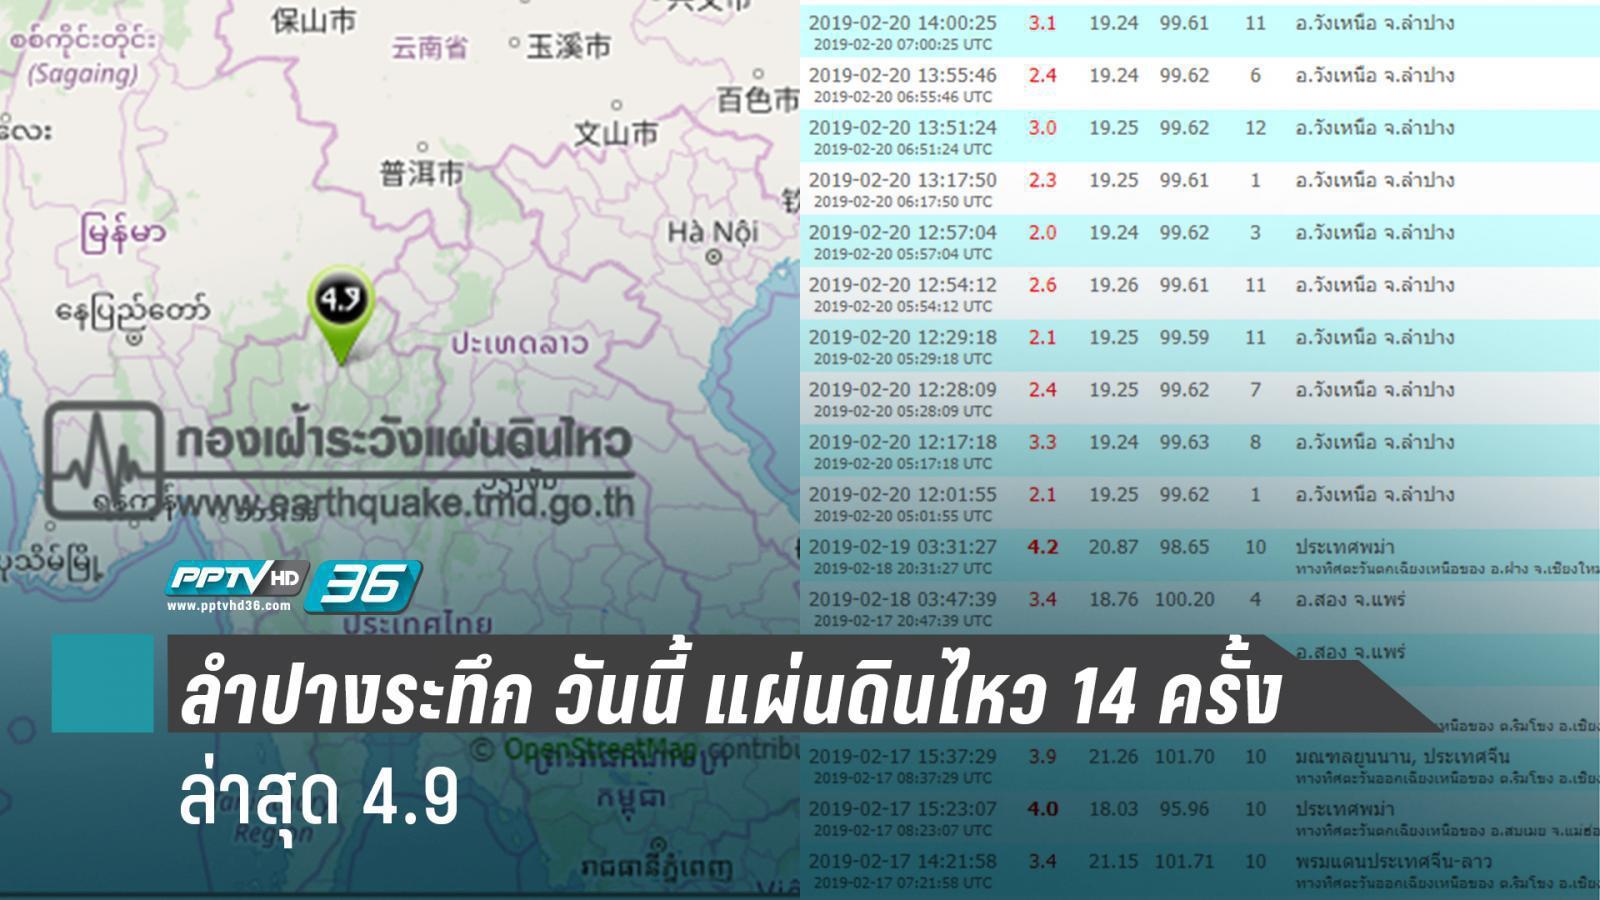 ลำปางระทึก วันนี้ แผ่นดินไหว 14 ครั้ง     ล่าสุด 4.9